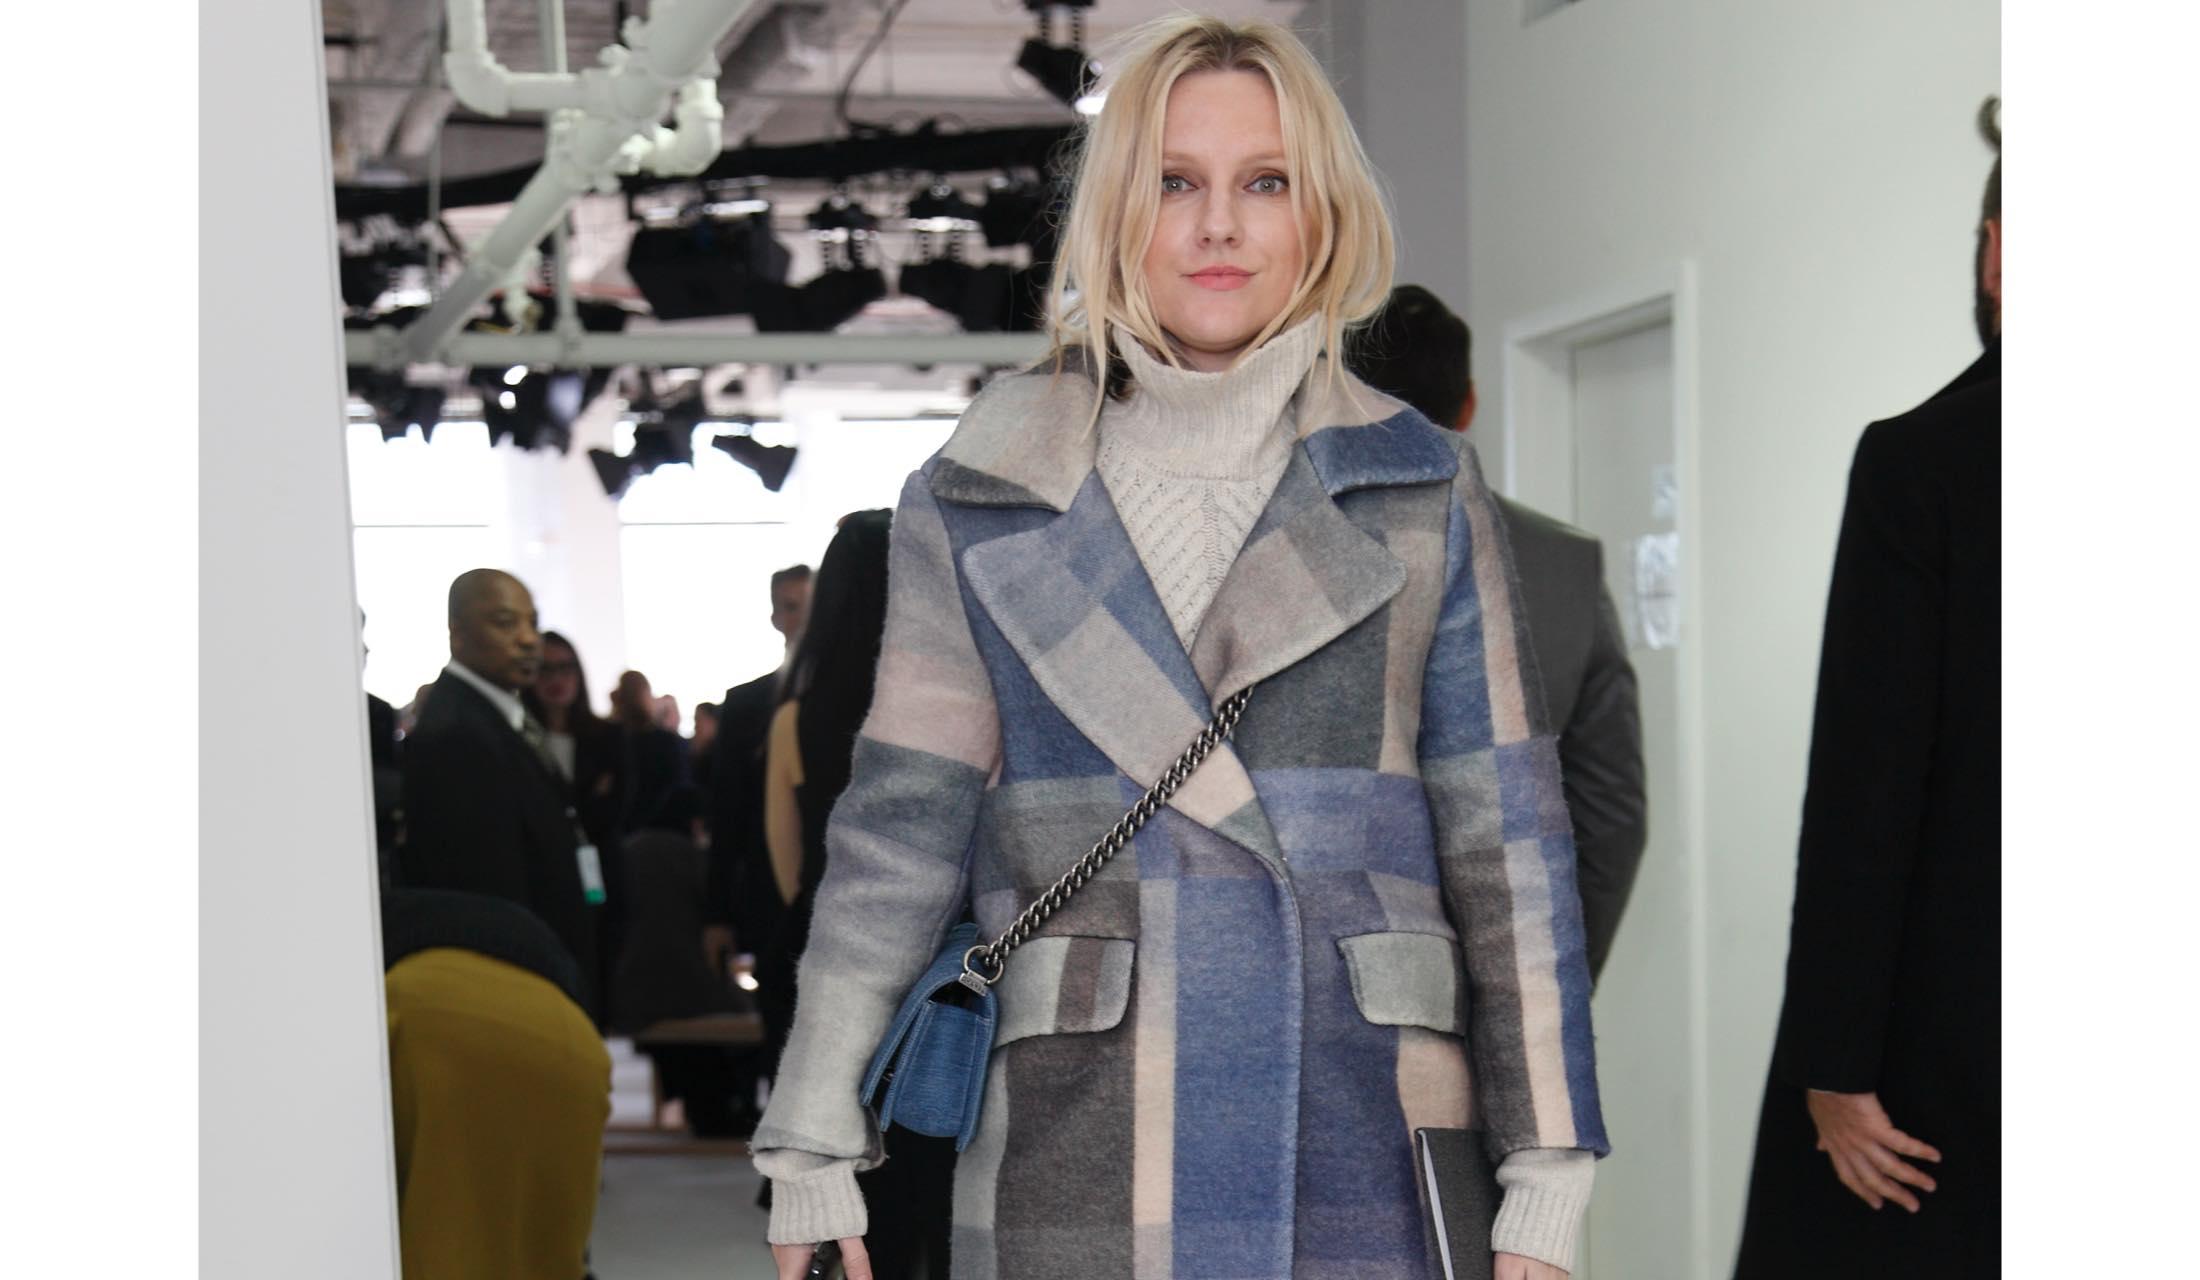 ブルーのチェック柄のコートを身にまとった女性